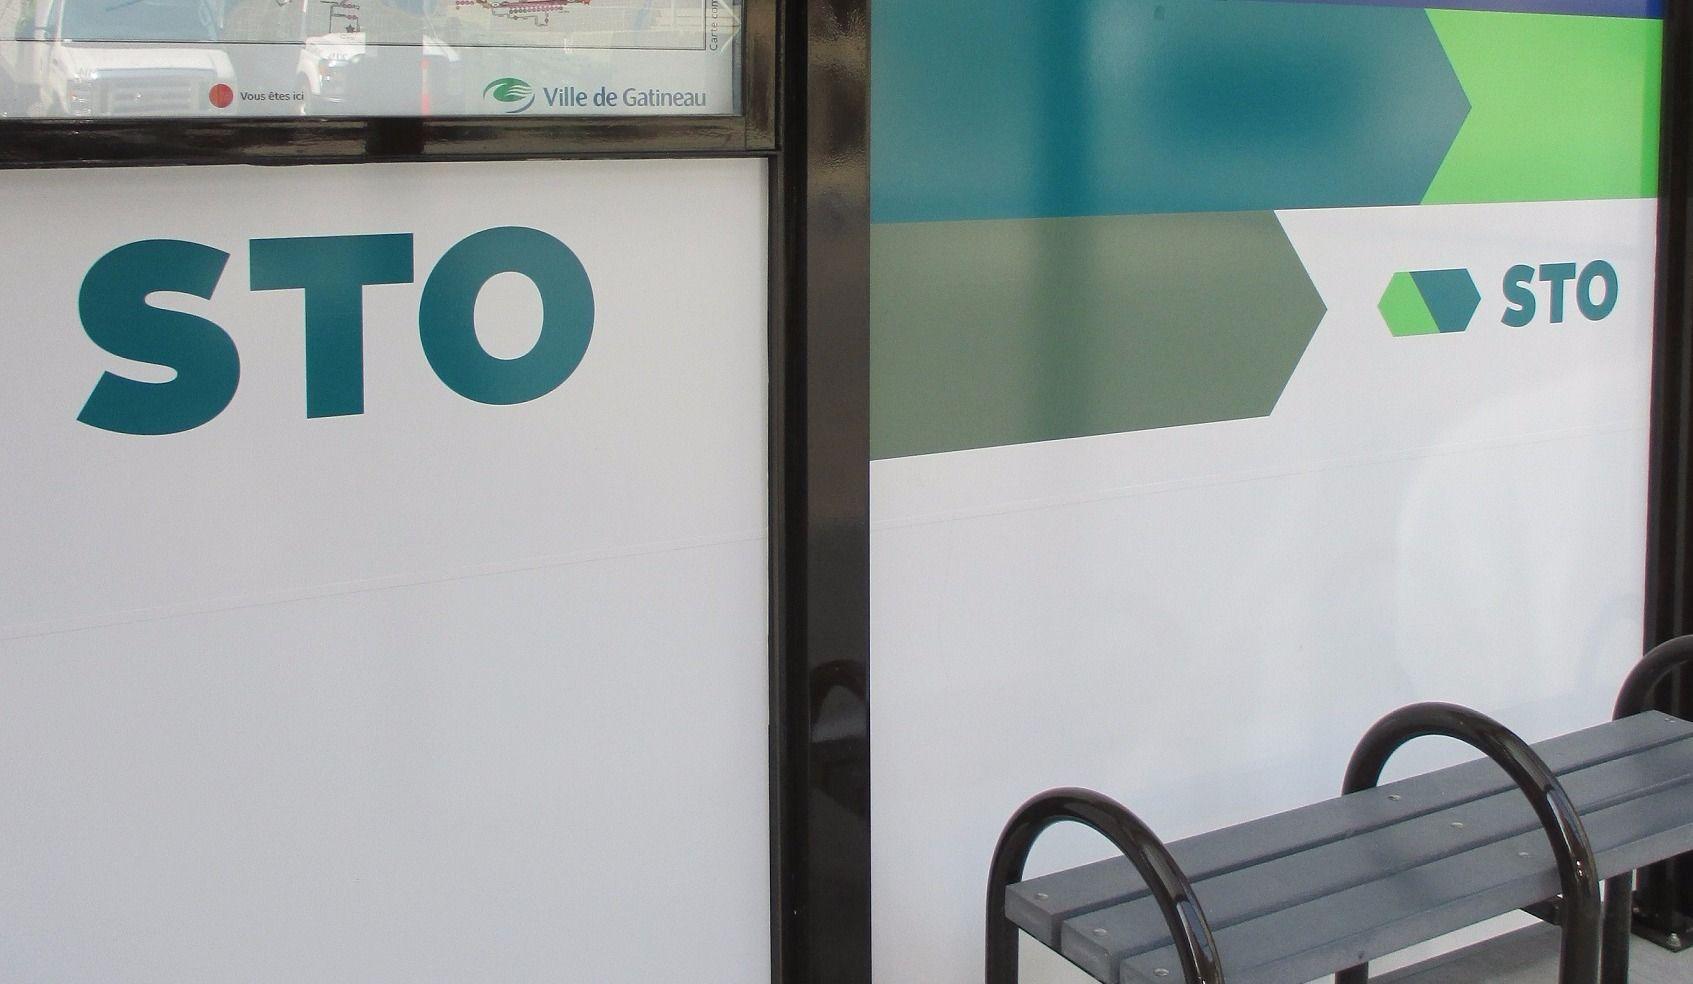 Des tarifs plus accessibles pour la clientèle moins nantie à la STO